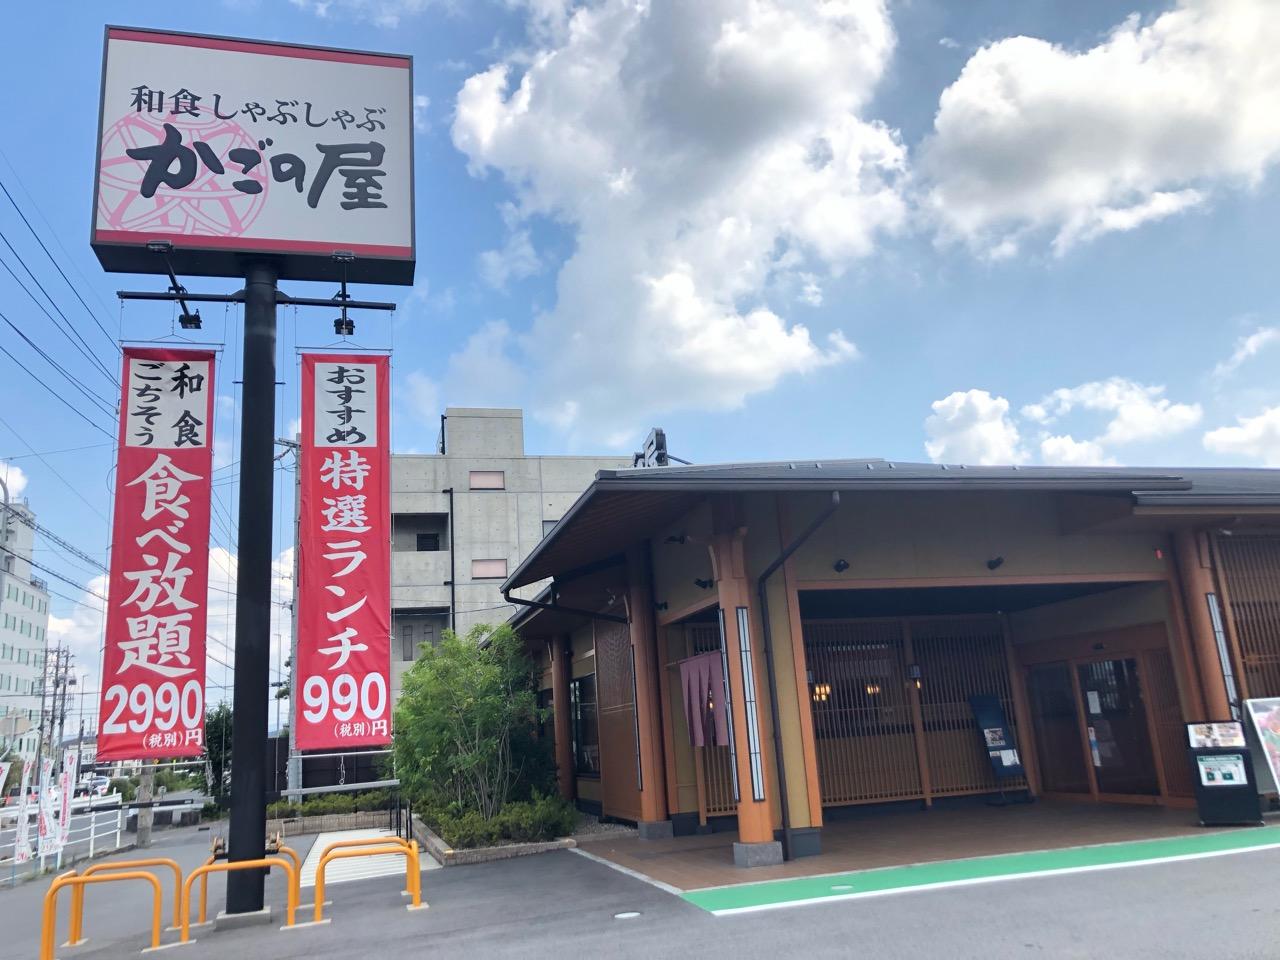 2019年10月4日に閉店するかごの屋豊田前田町店